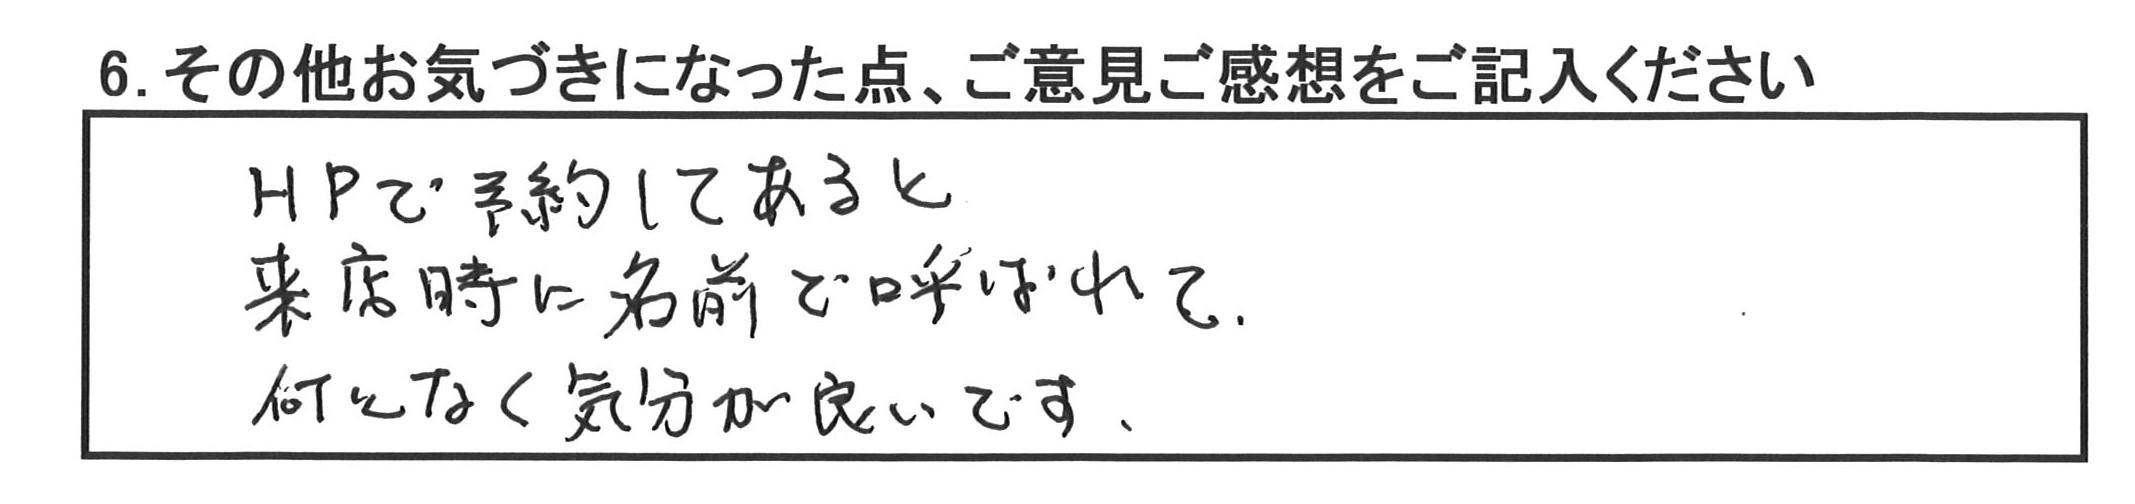 トヨタピクシススペースの藤沢市K様より、うれしい声をいただきました